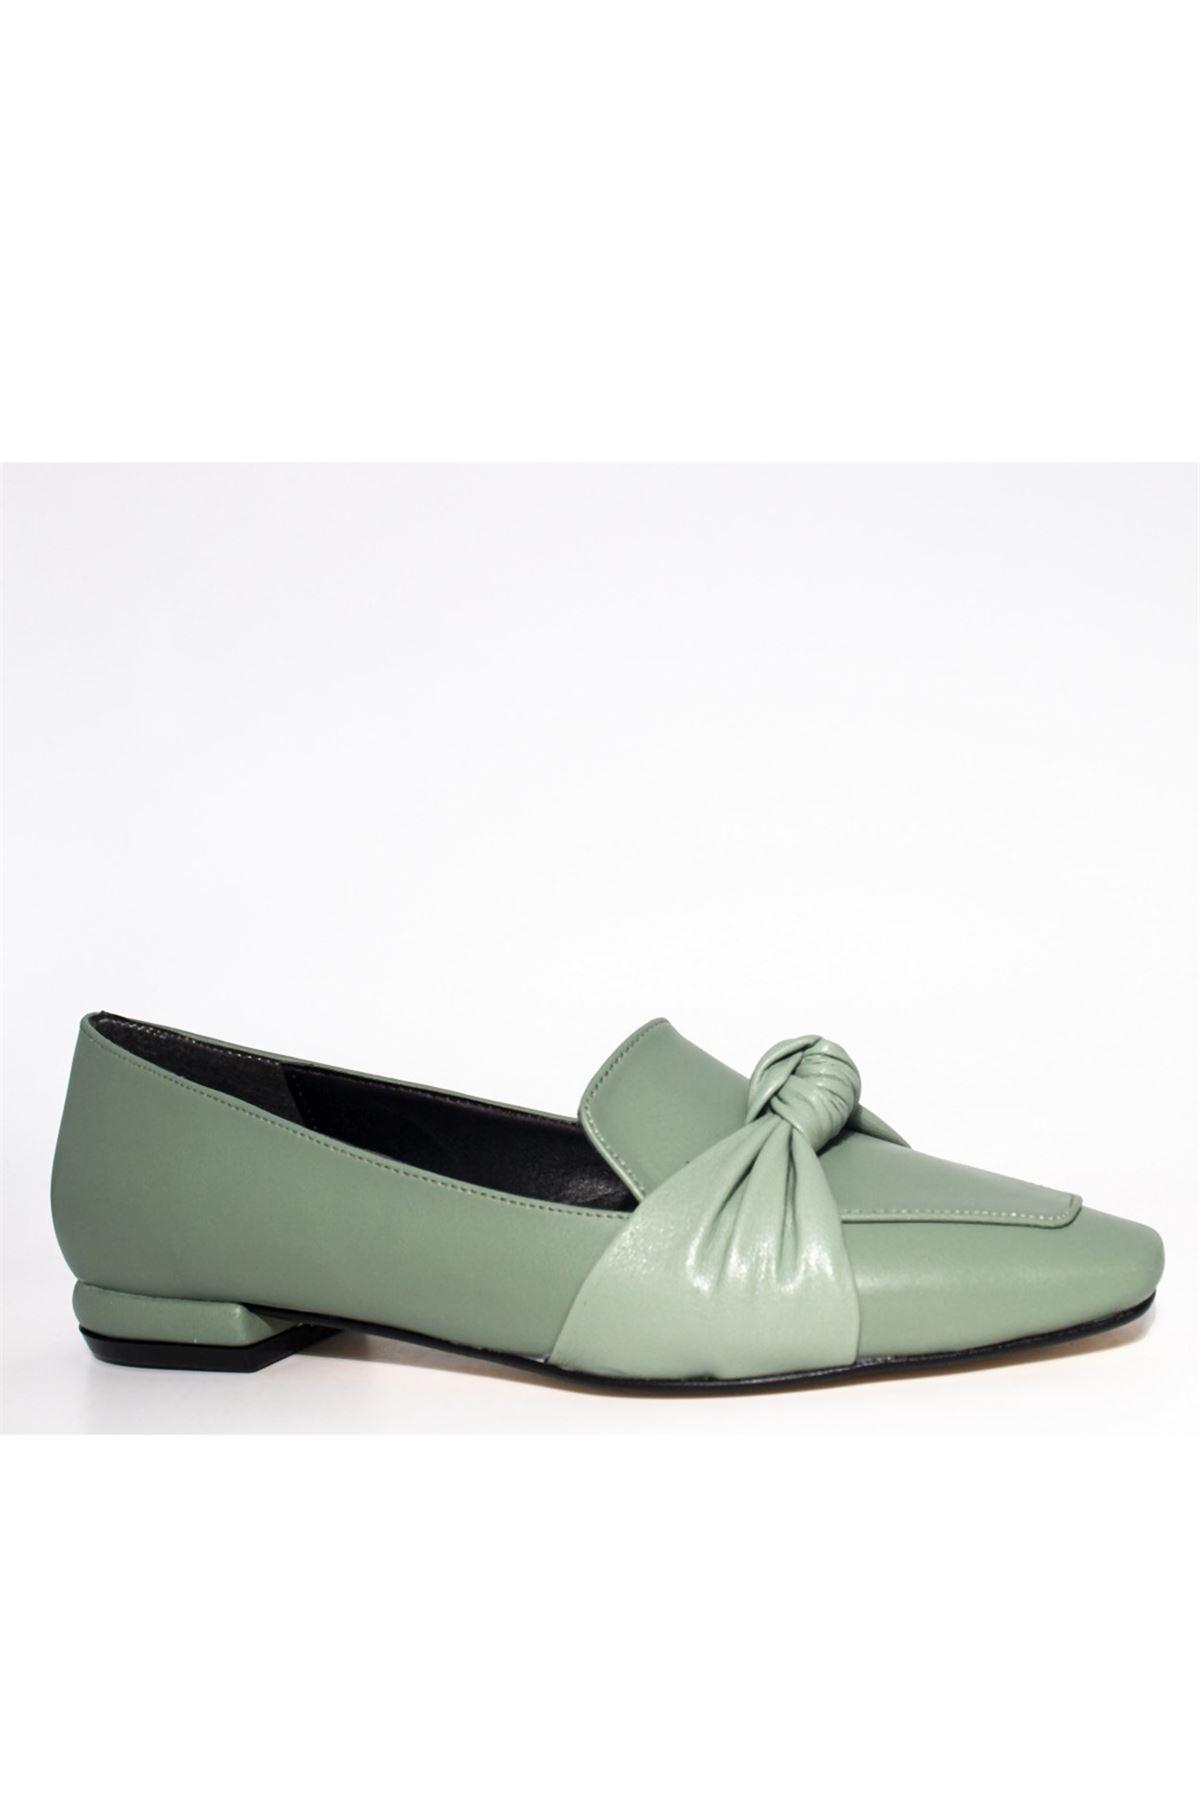 Kadın Önden Düğümlü Loafer Ayakkabı - Mint Yeşili